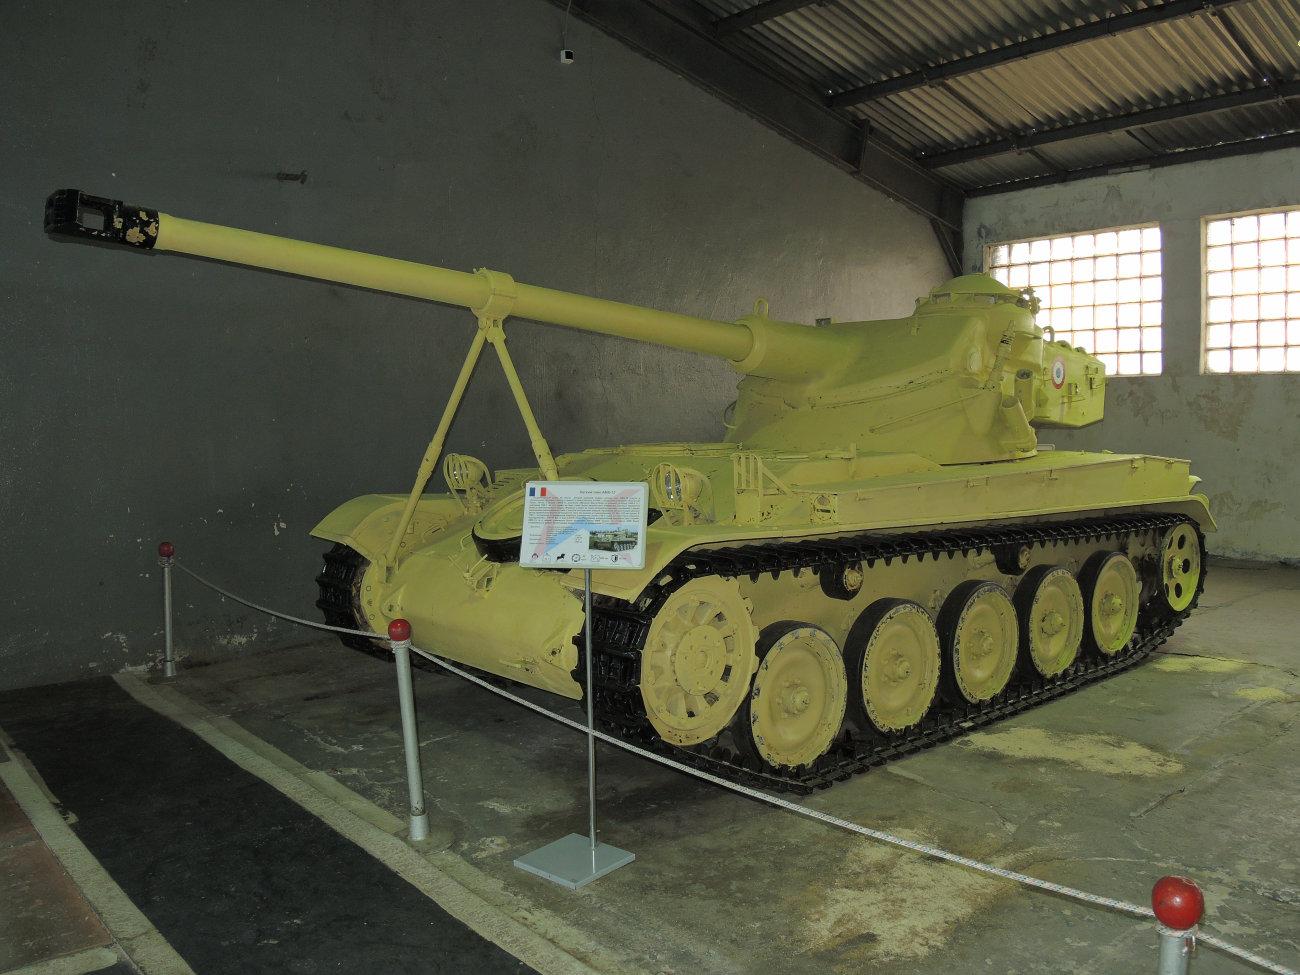 легкий танк AMX-13 (Франция). Московская область, пос. Кубинка, музей бронетанковой техники